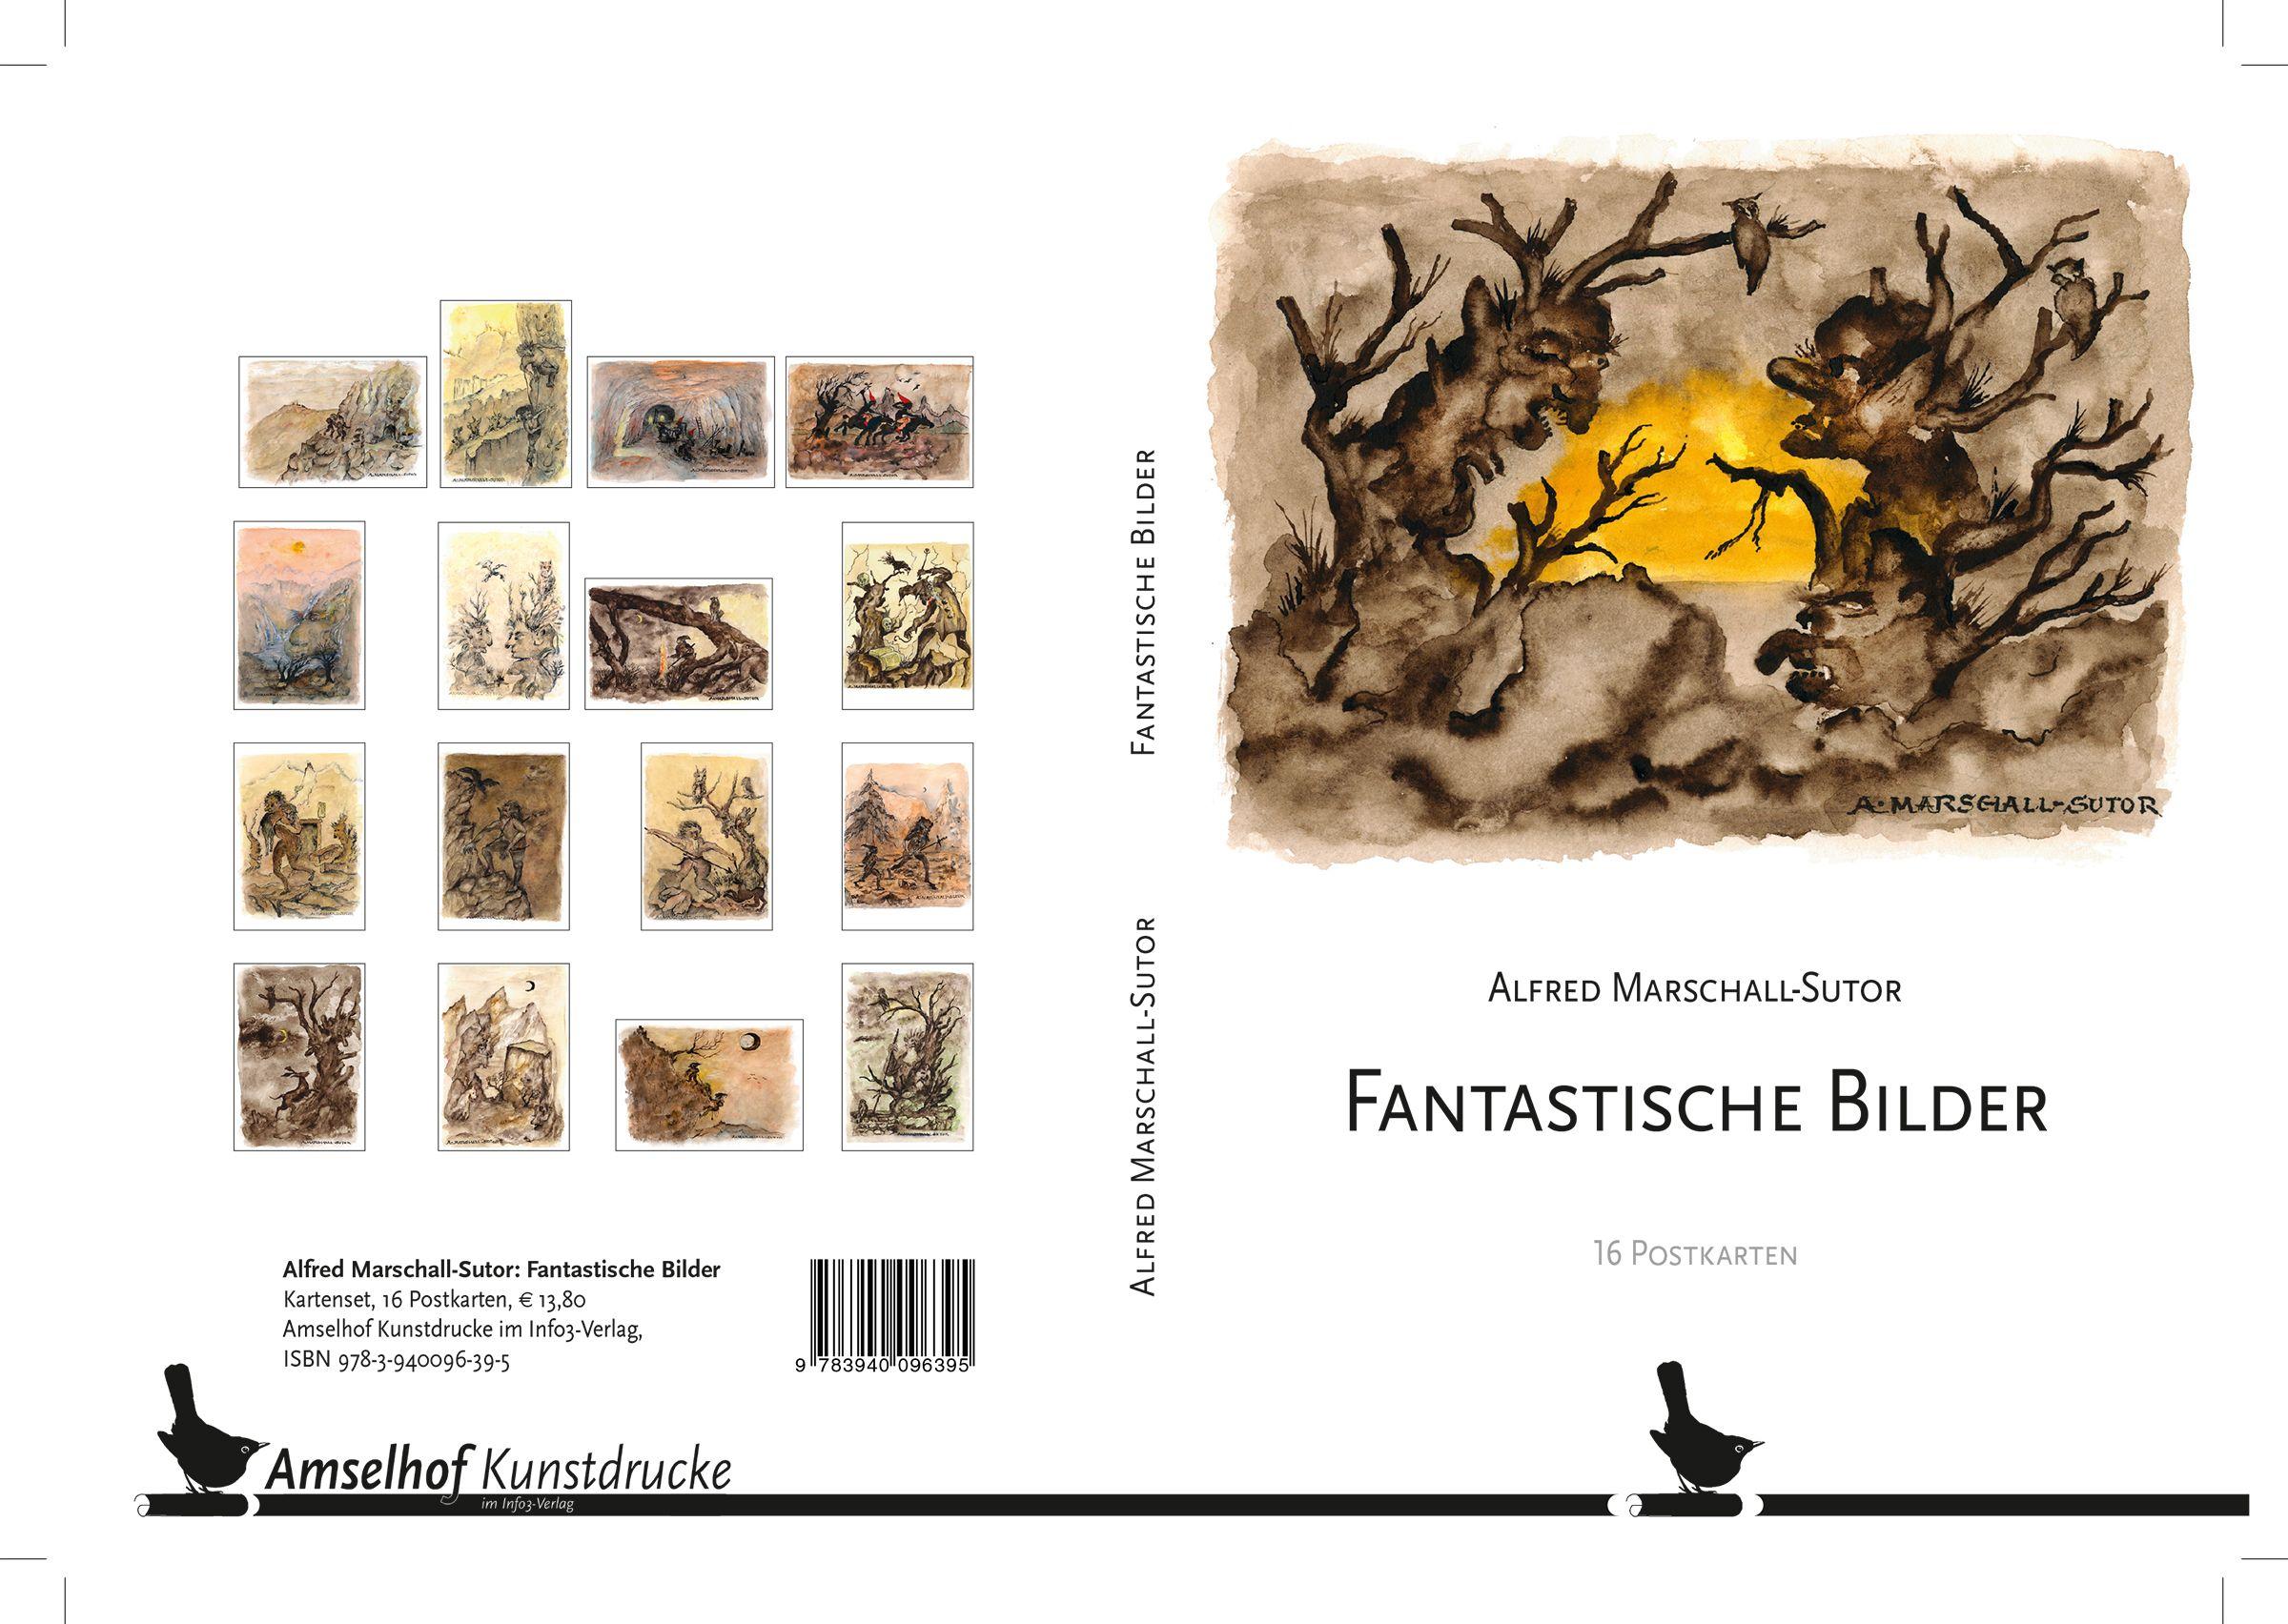 Amselhof Kunstdrucke fantastische bilder marschall sutor alfred